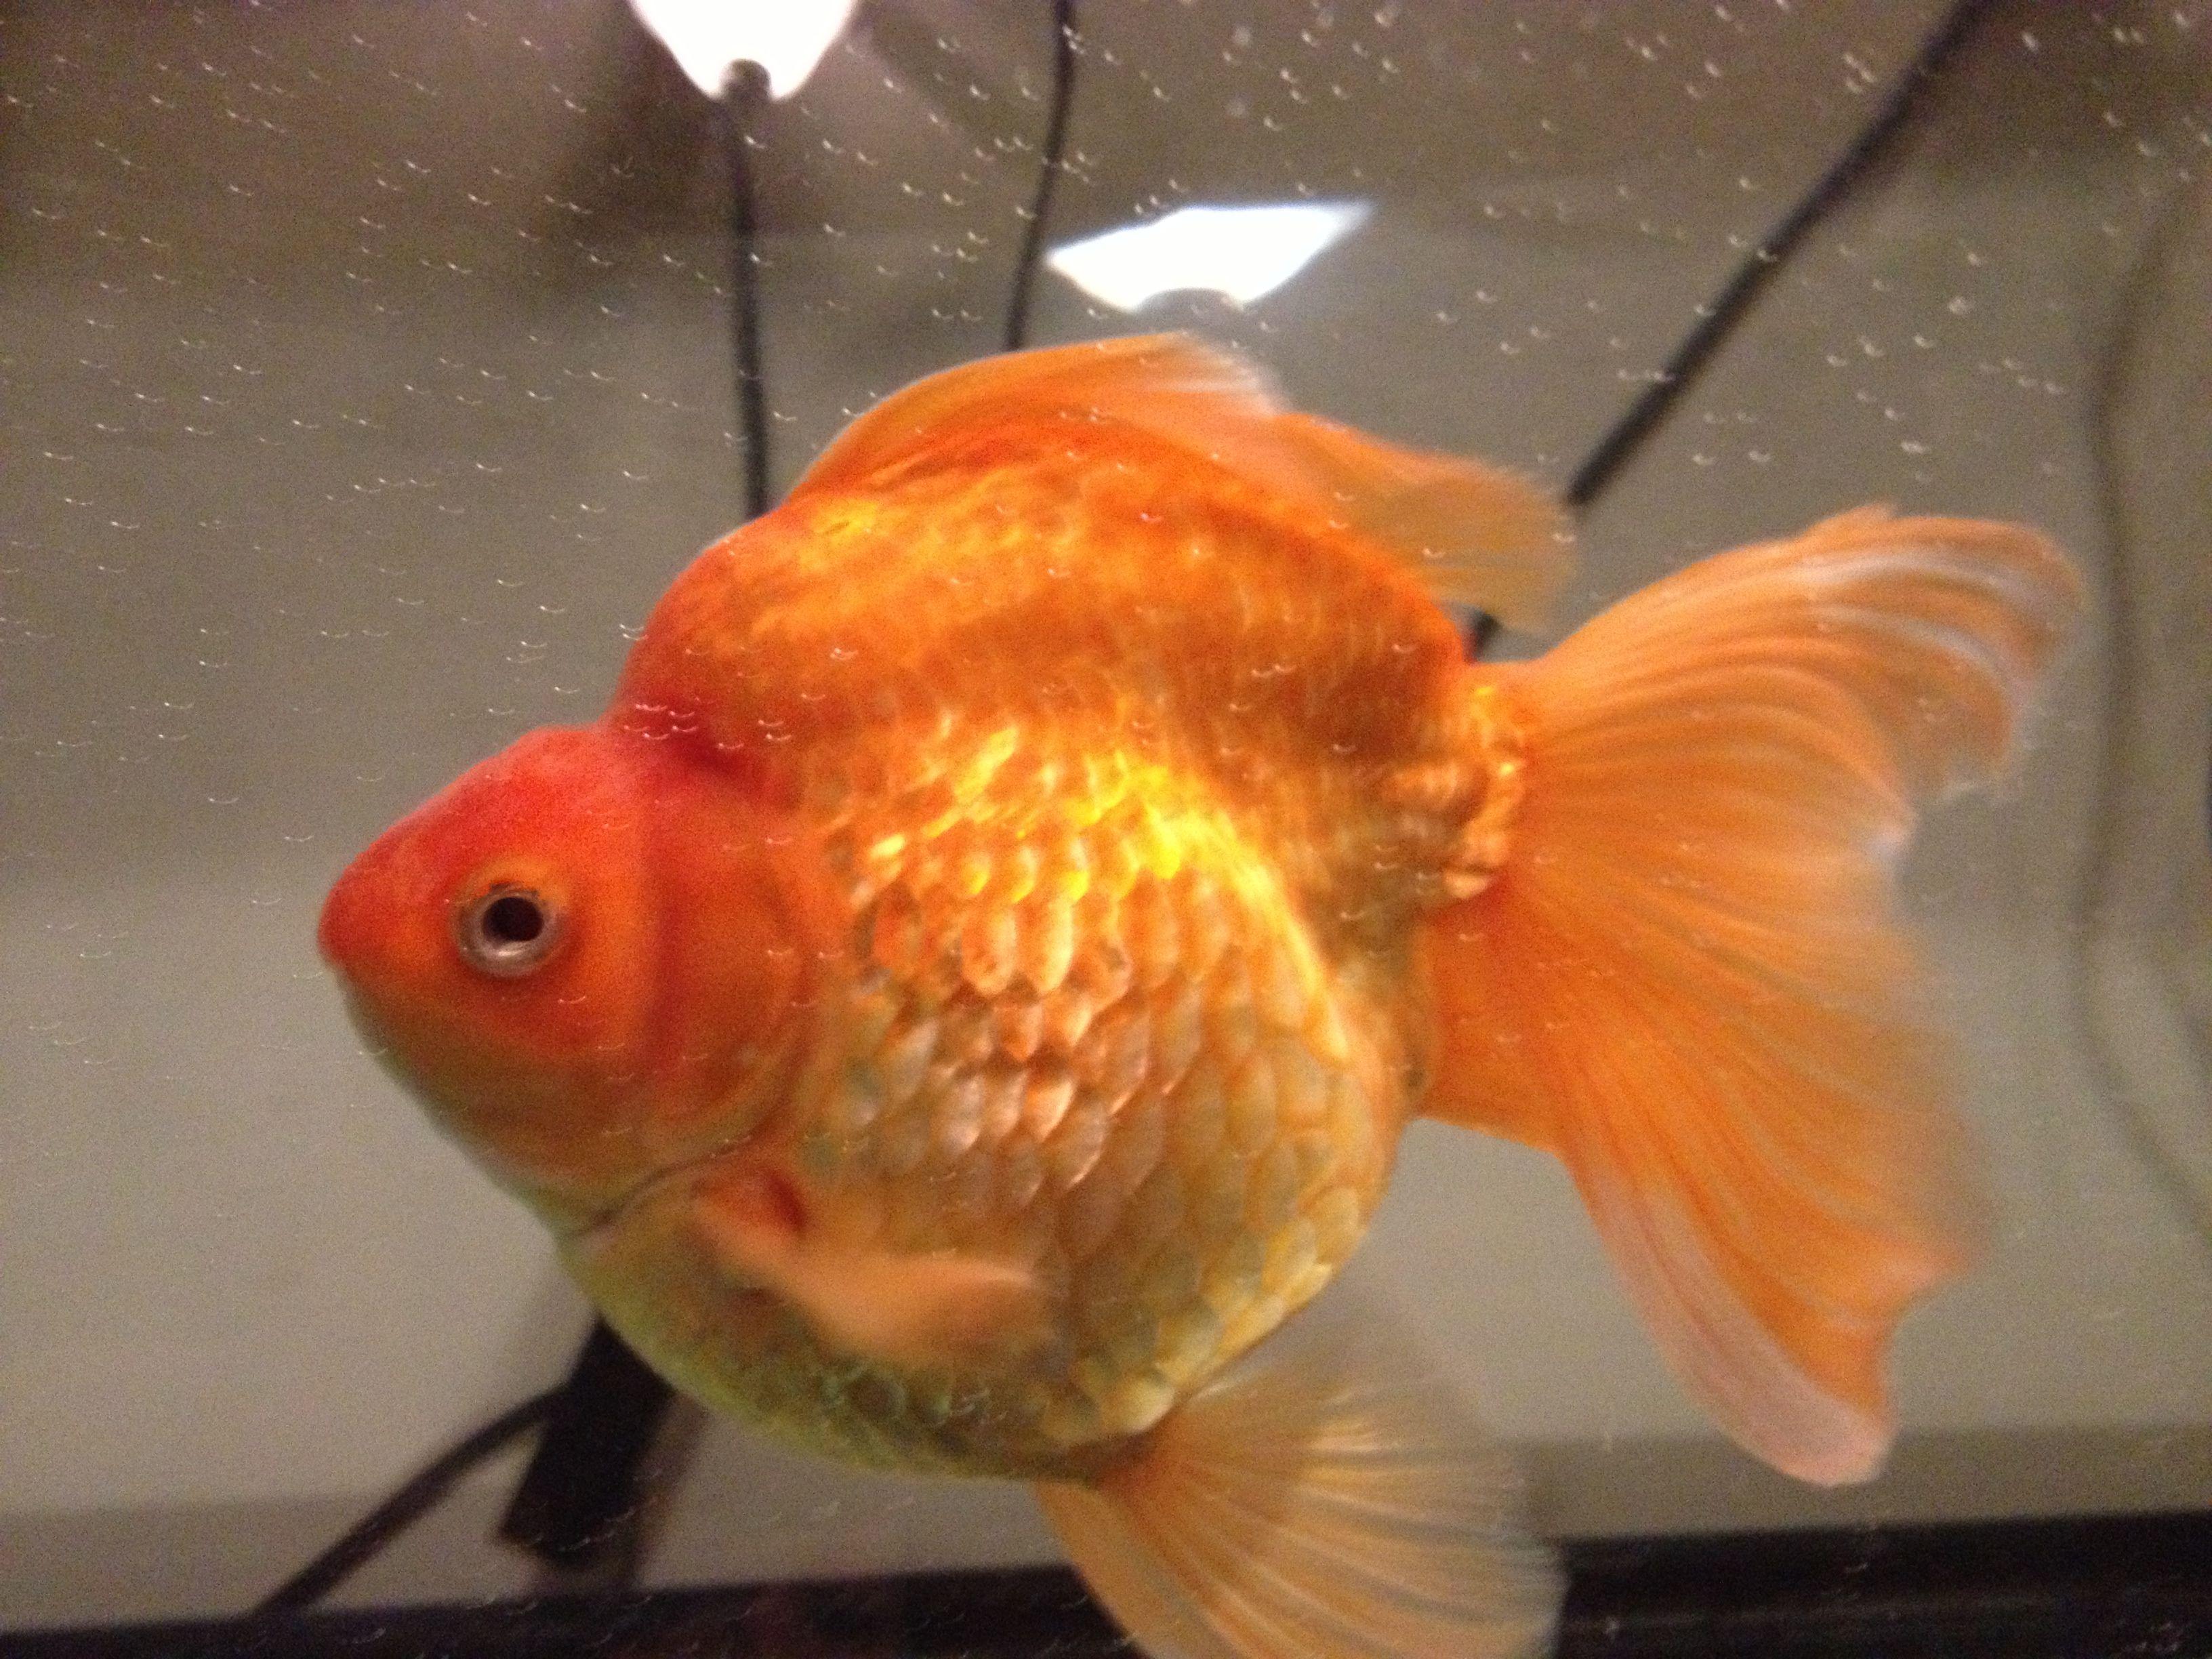 Criadero De Peces Goldfish Of Large Ryukin Goldfish Amazing Pet Fish Criadero Peces